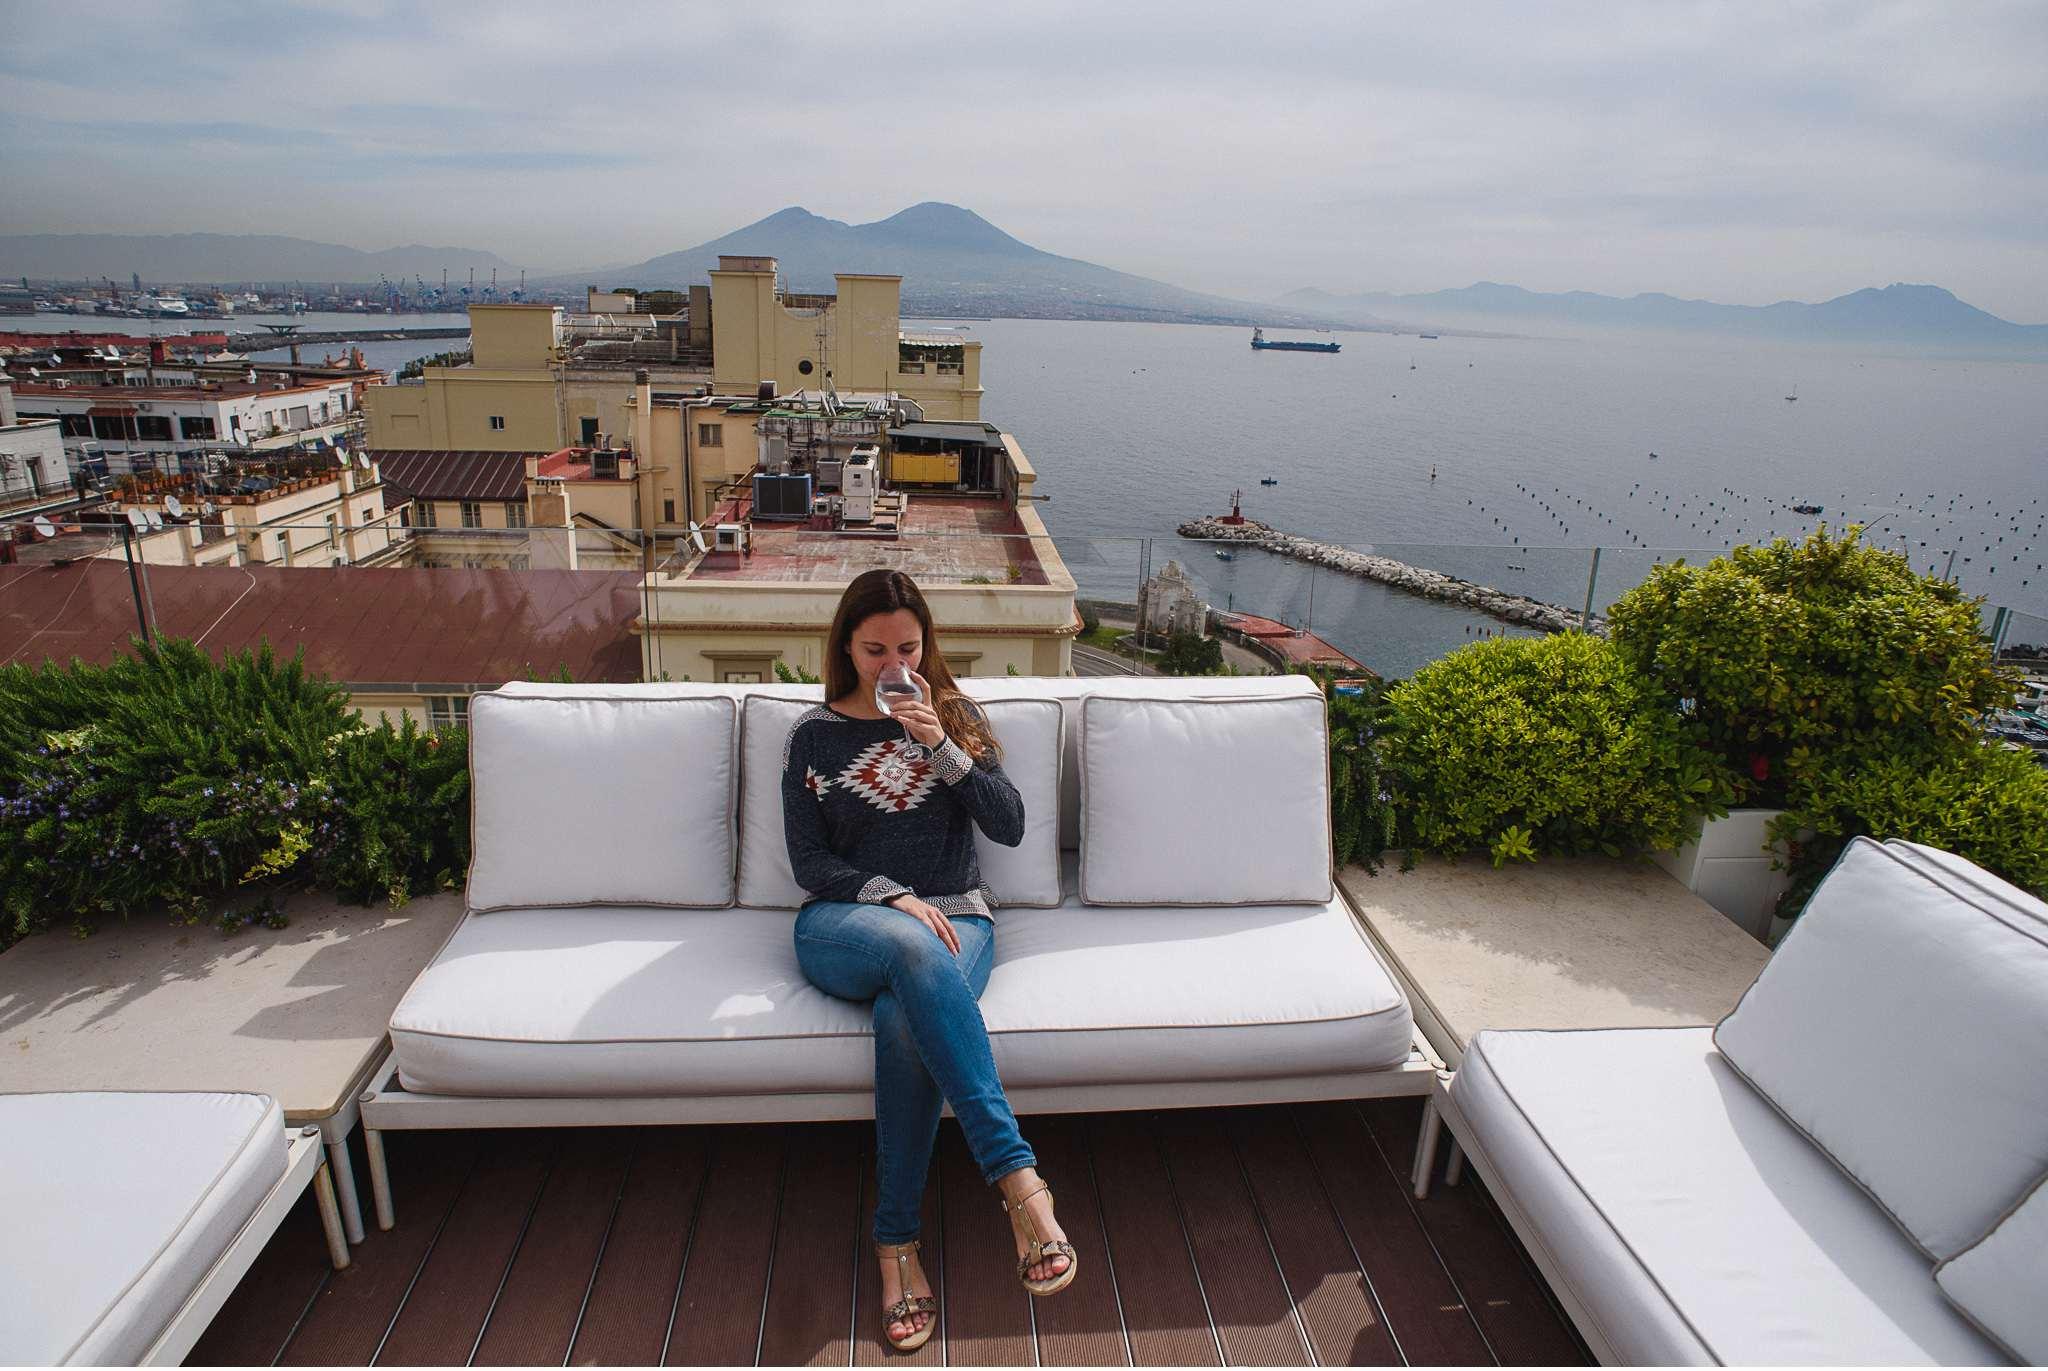 Interrail Reise - Italien Neapel - Geschichten von unterwegs - Foto Daniel Kempf-Seifried-82